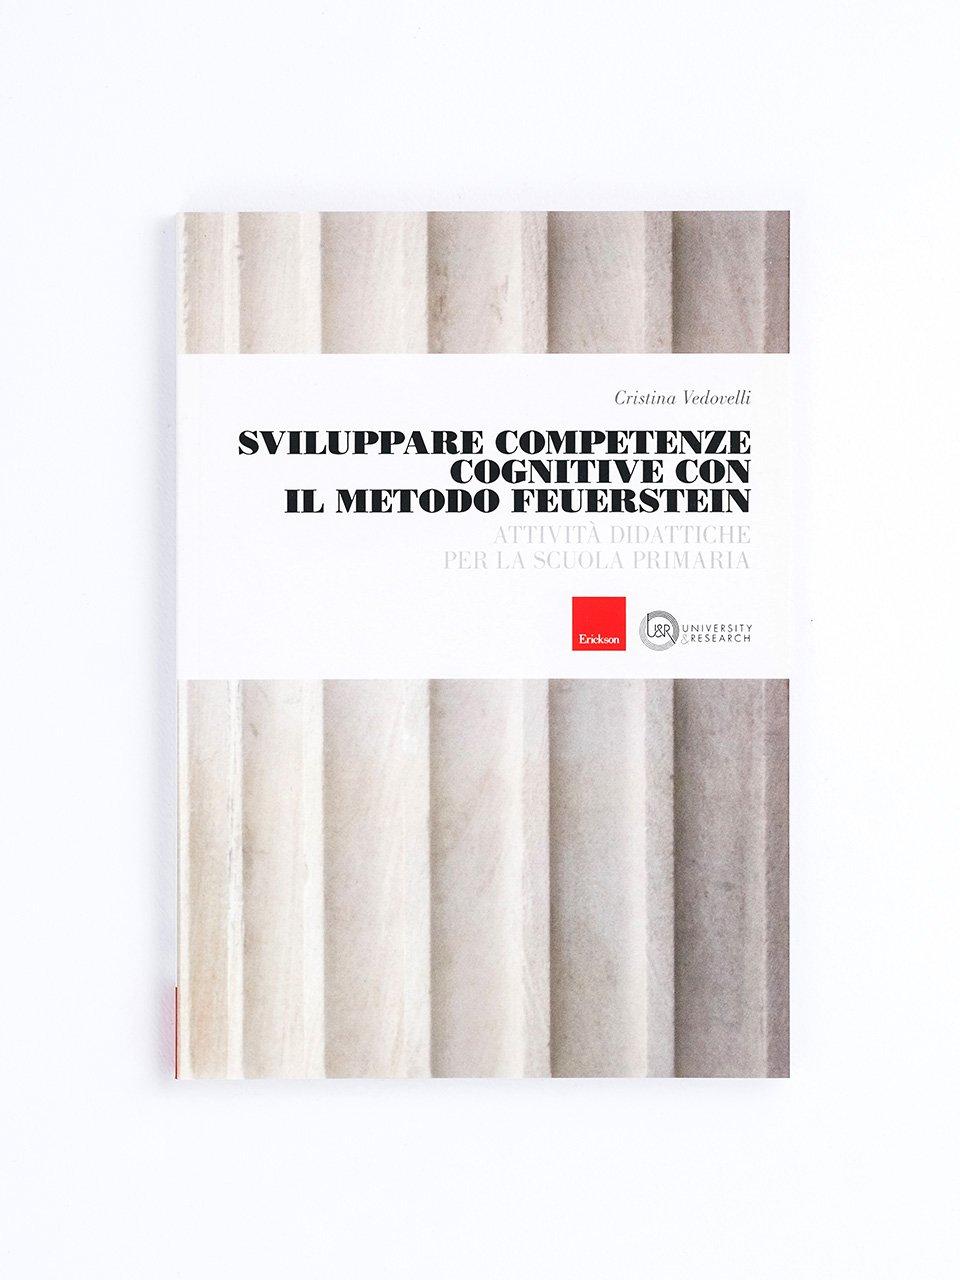 Sviluppare competenze cognitive con il Metodo Feue - Libri - Erickson